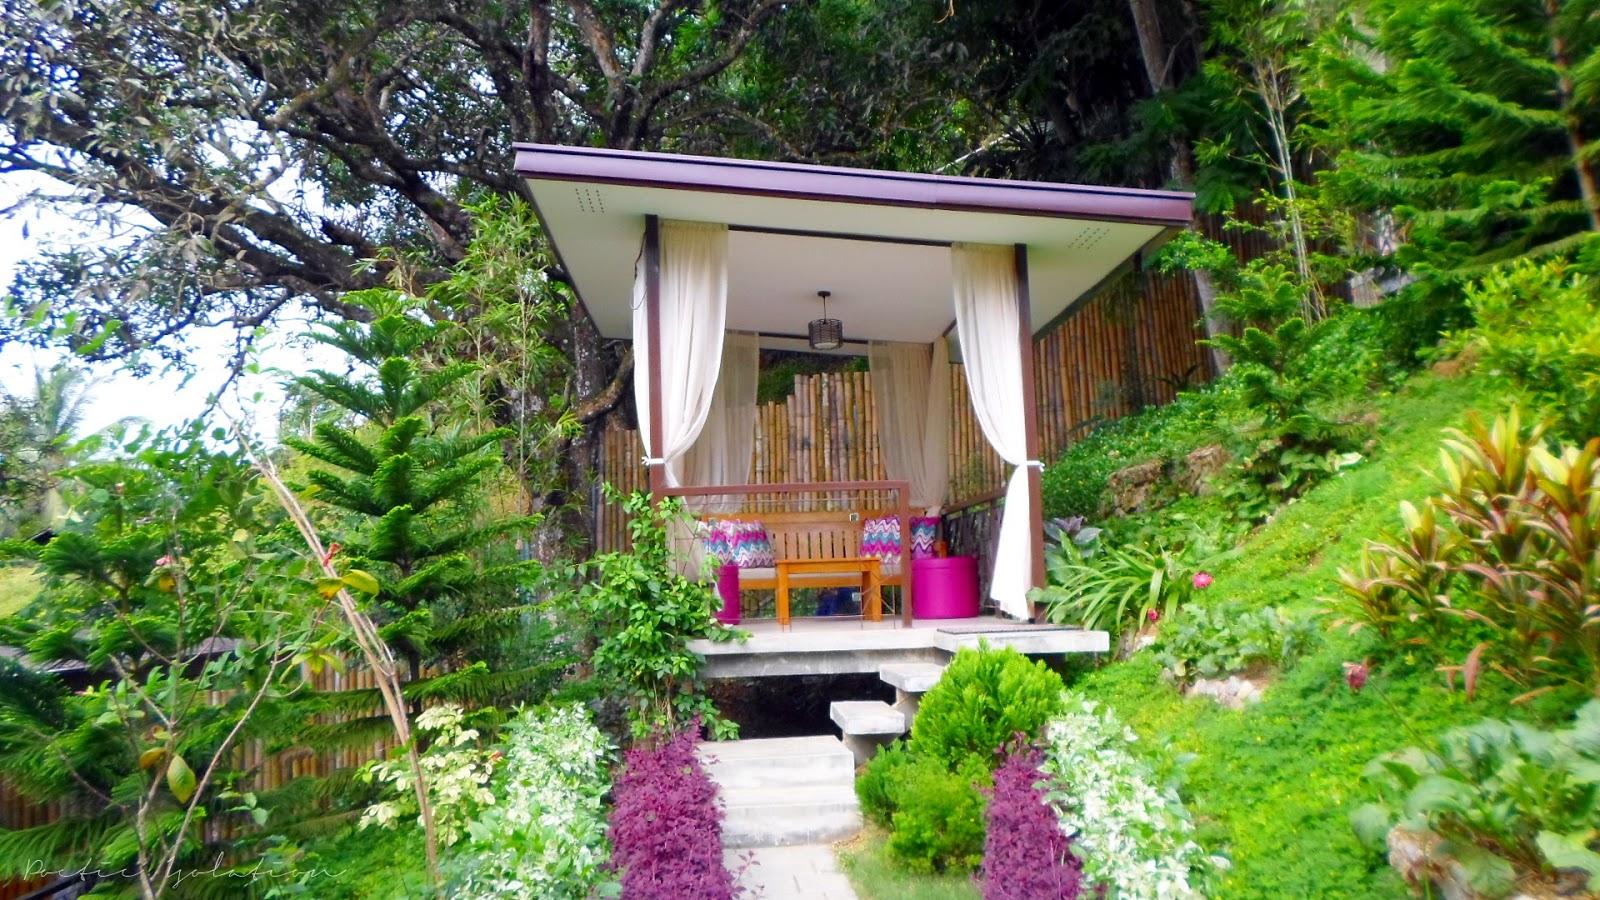 Terrazas de flores botanical garden cebu an artist 39 s - Fotos de terrazas ...